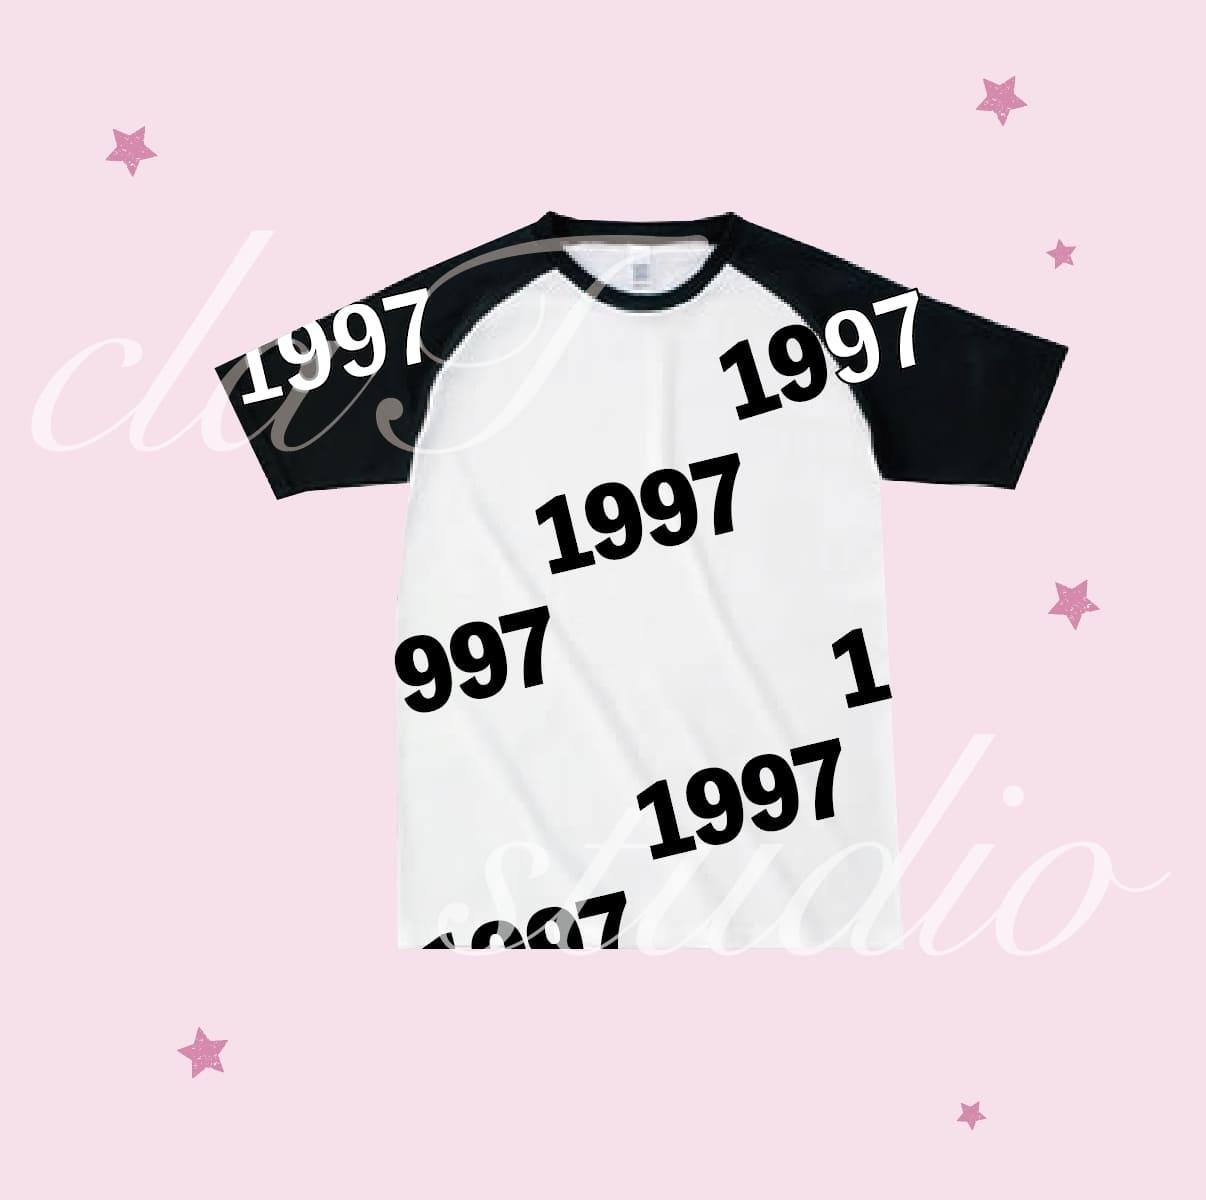 1997_design_0002